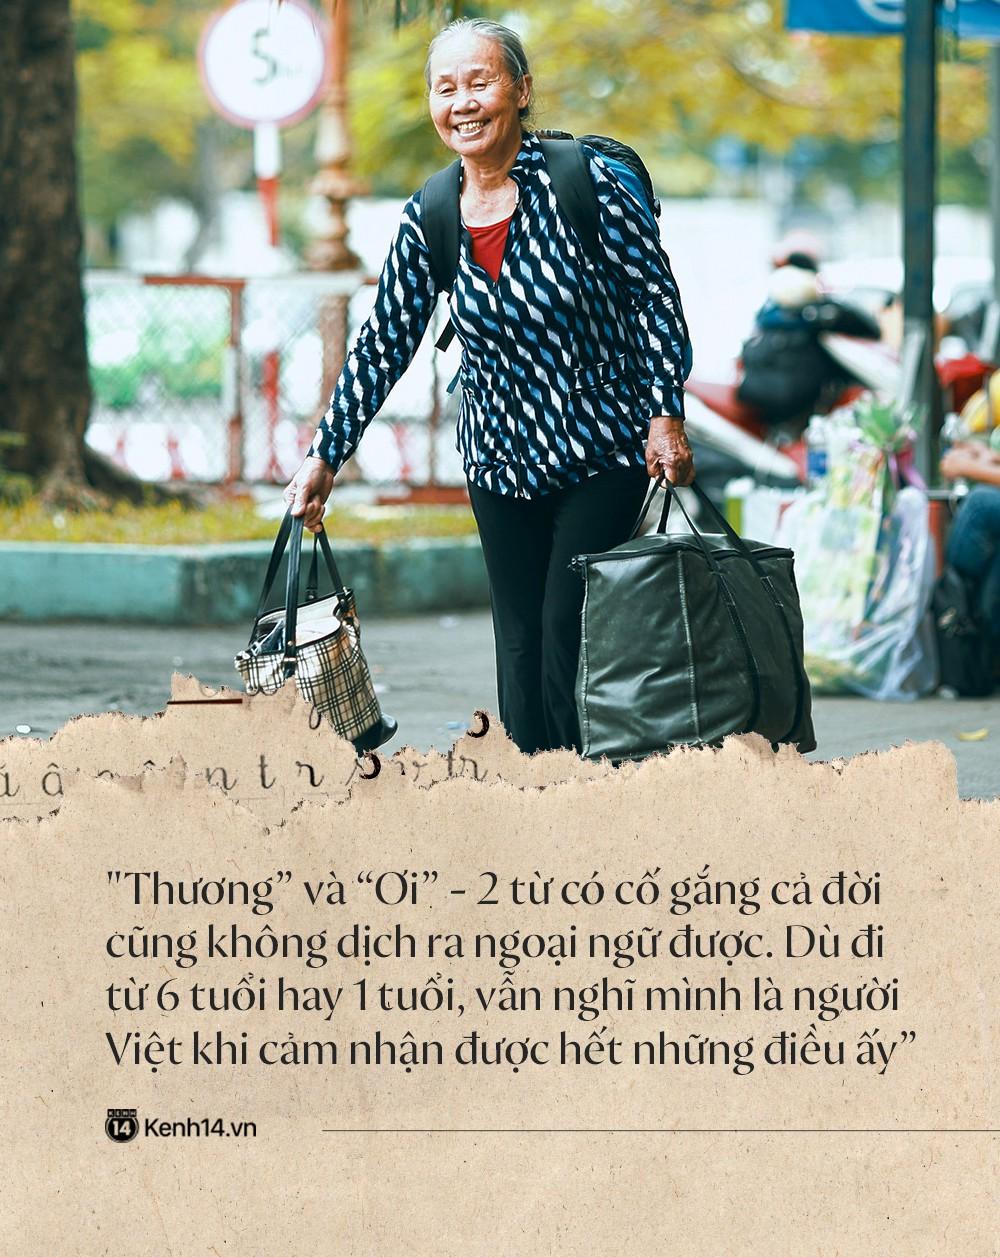 Tôi biết mình là người Việt Nam khi... - Ảnh 4.